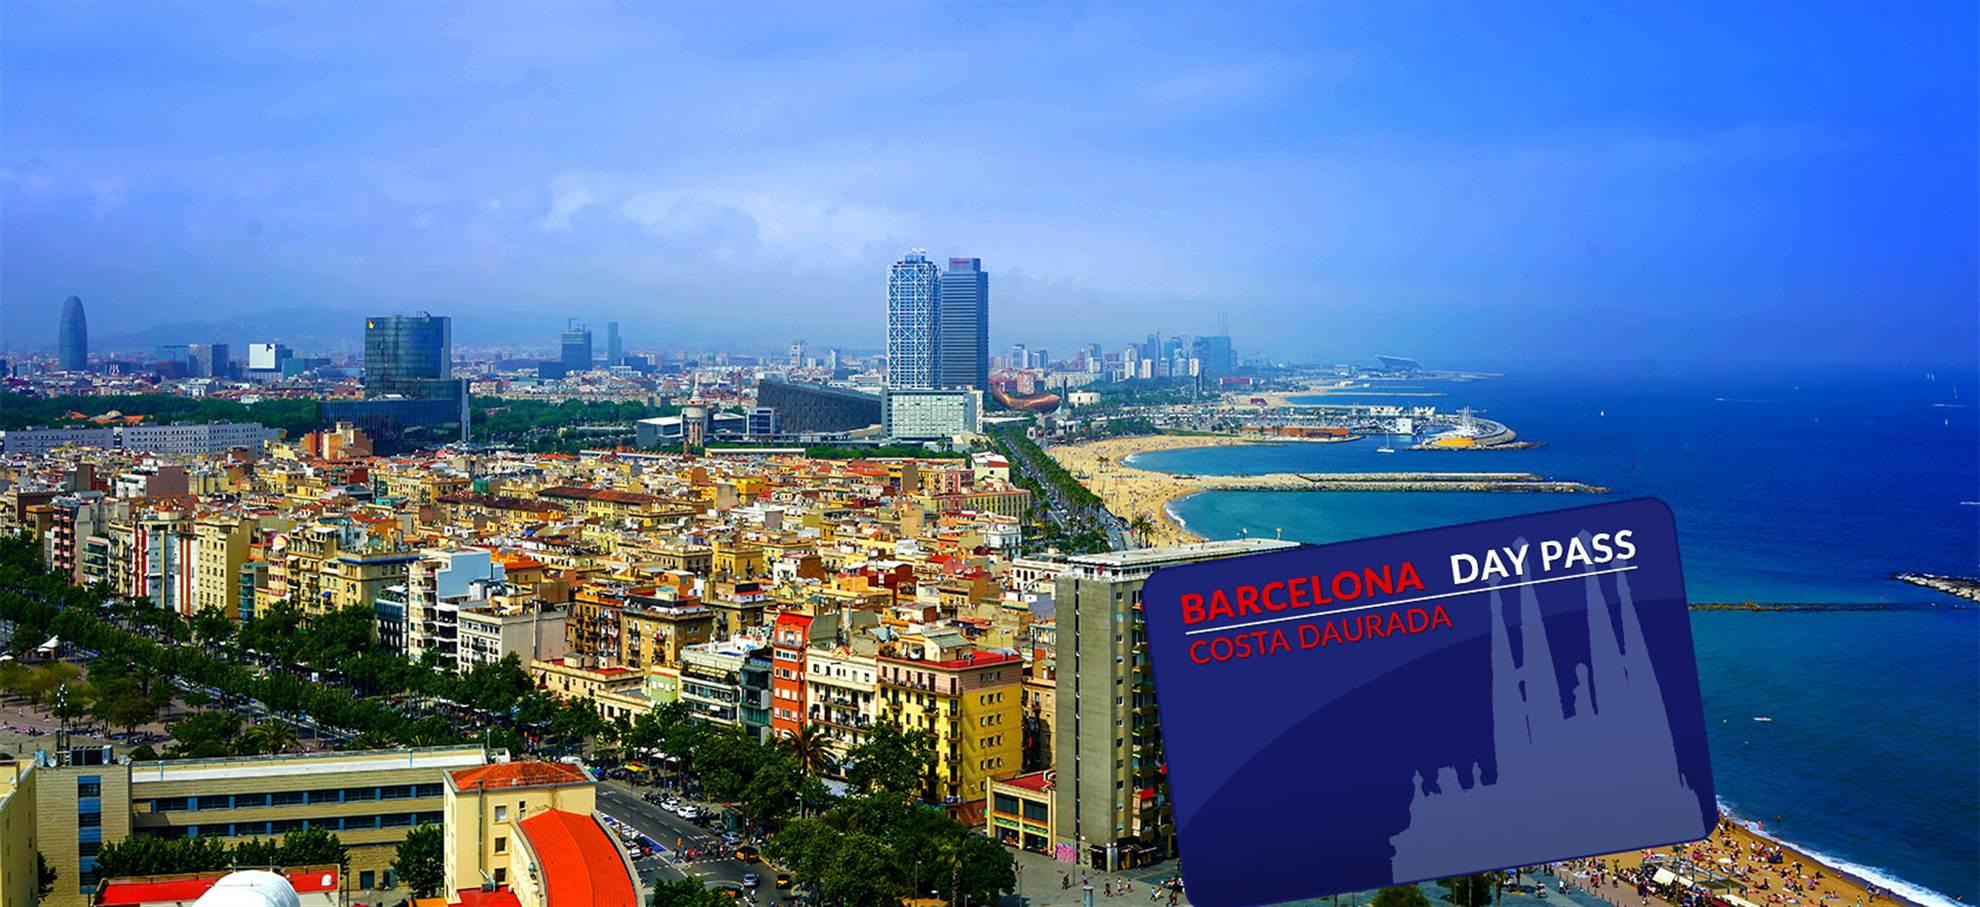 Costa Daurada – Barcelona Day Pass